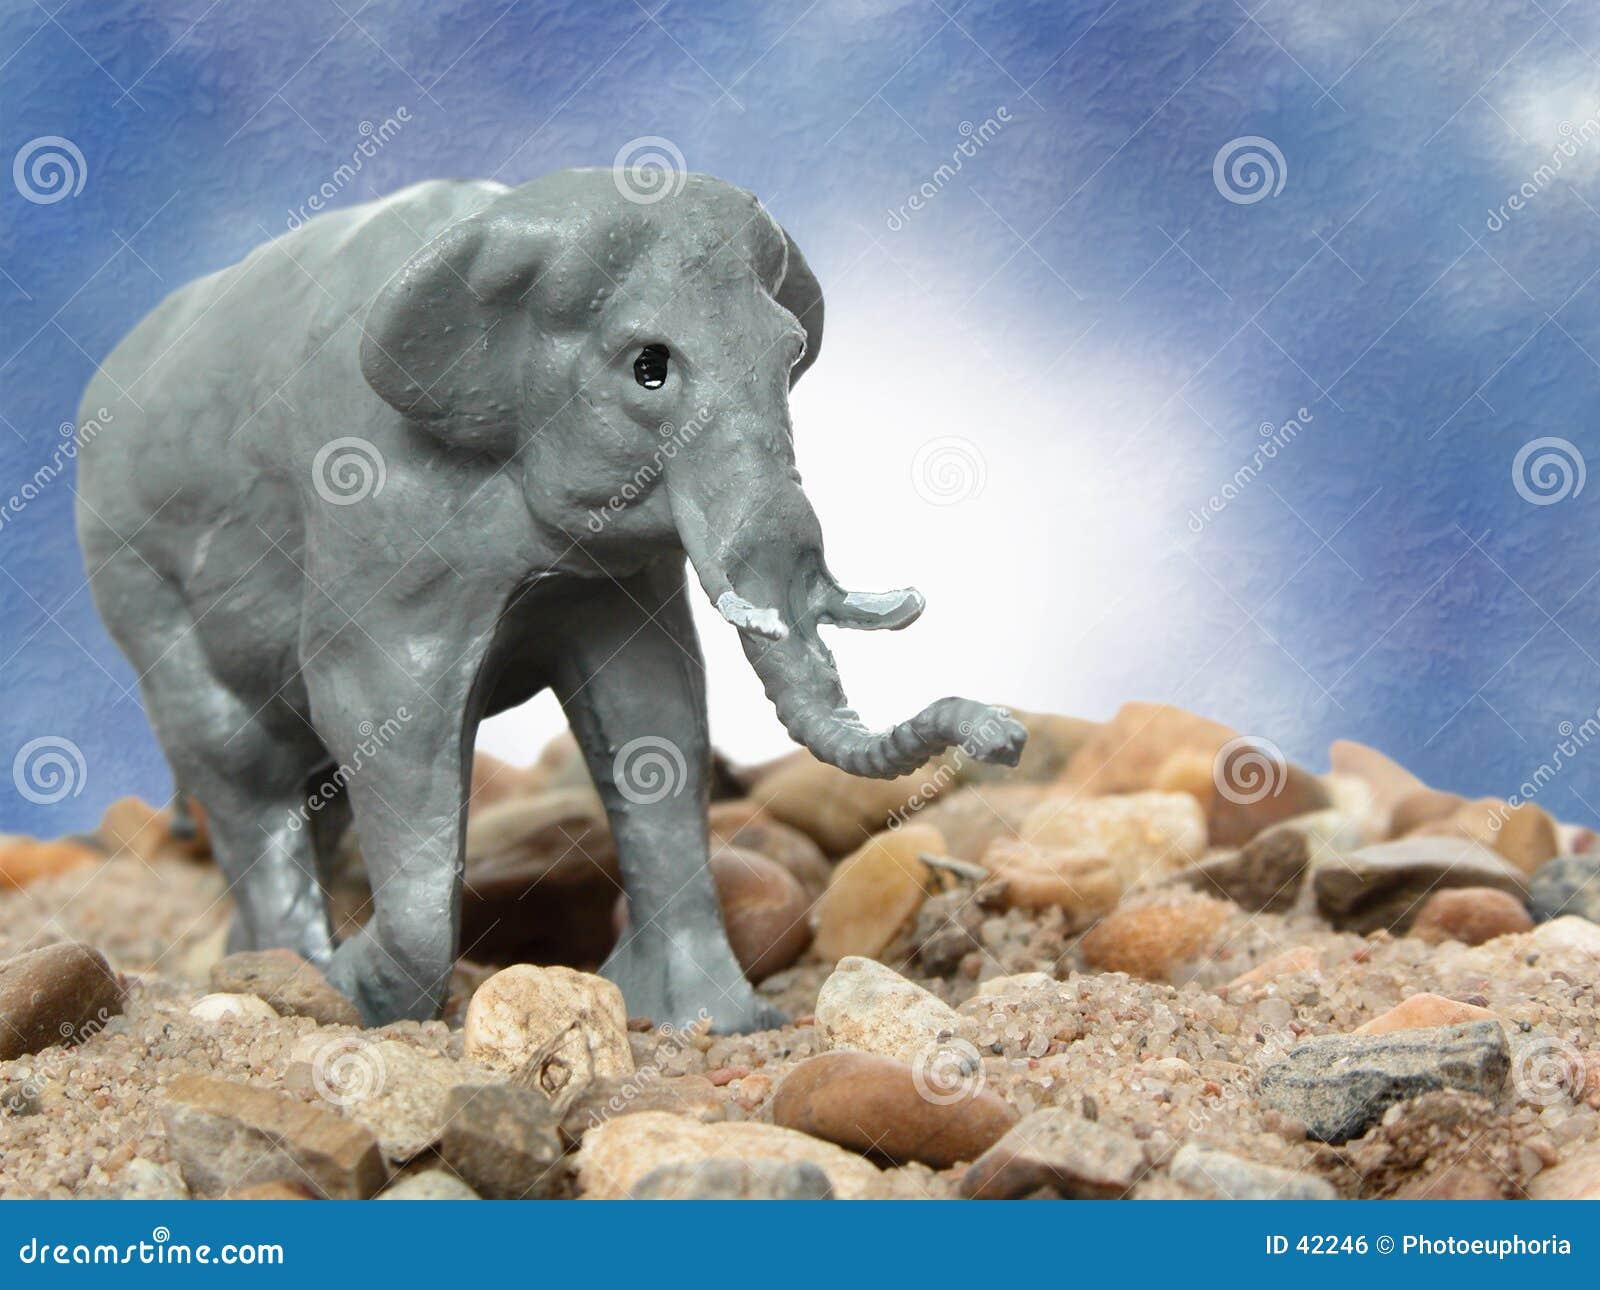 Elefantgreytoy